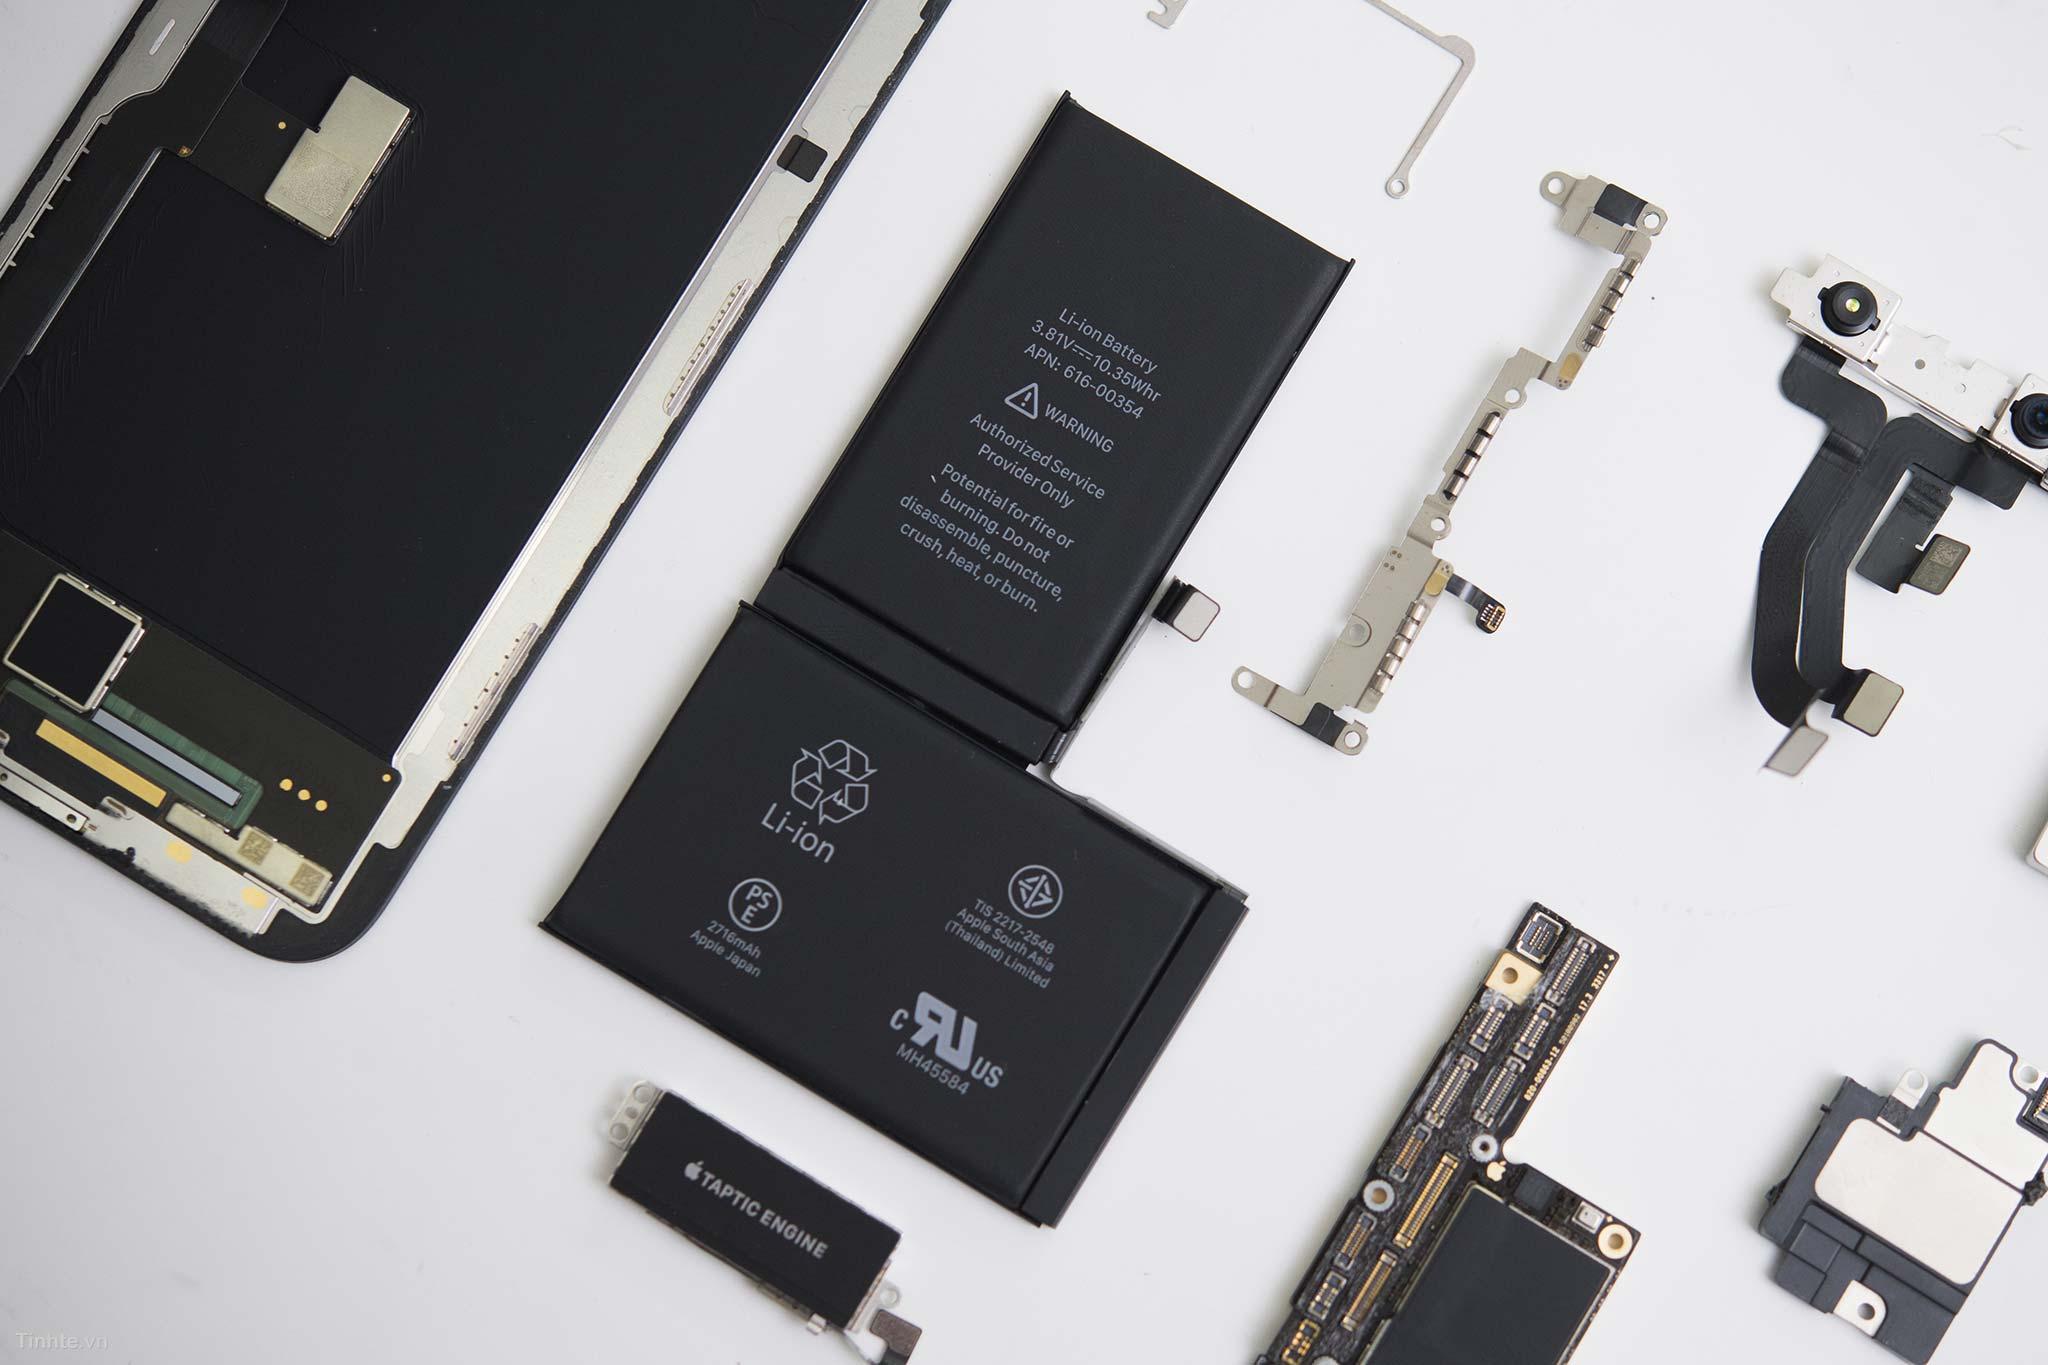 pin iphone x sac bao lau thi day 1 Bạn đã biết pin iphone X sạc bao lâu thì đầy chưa?